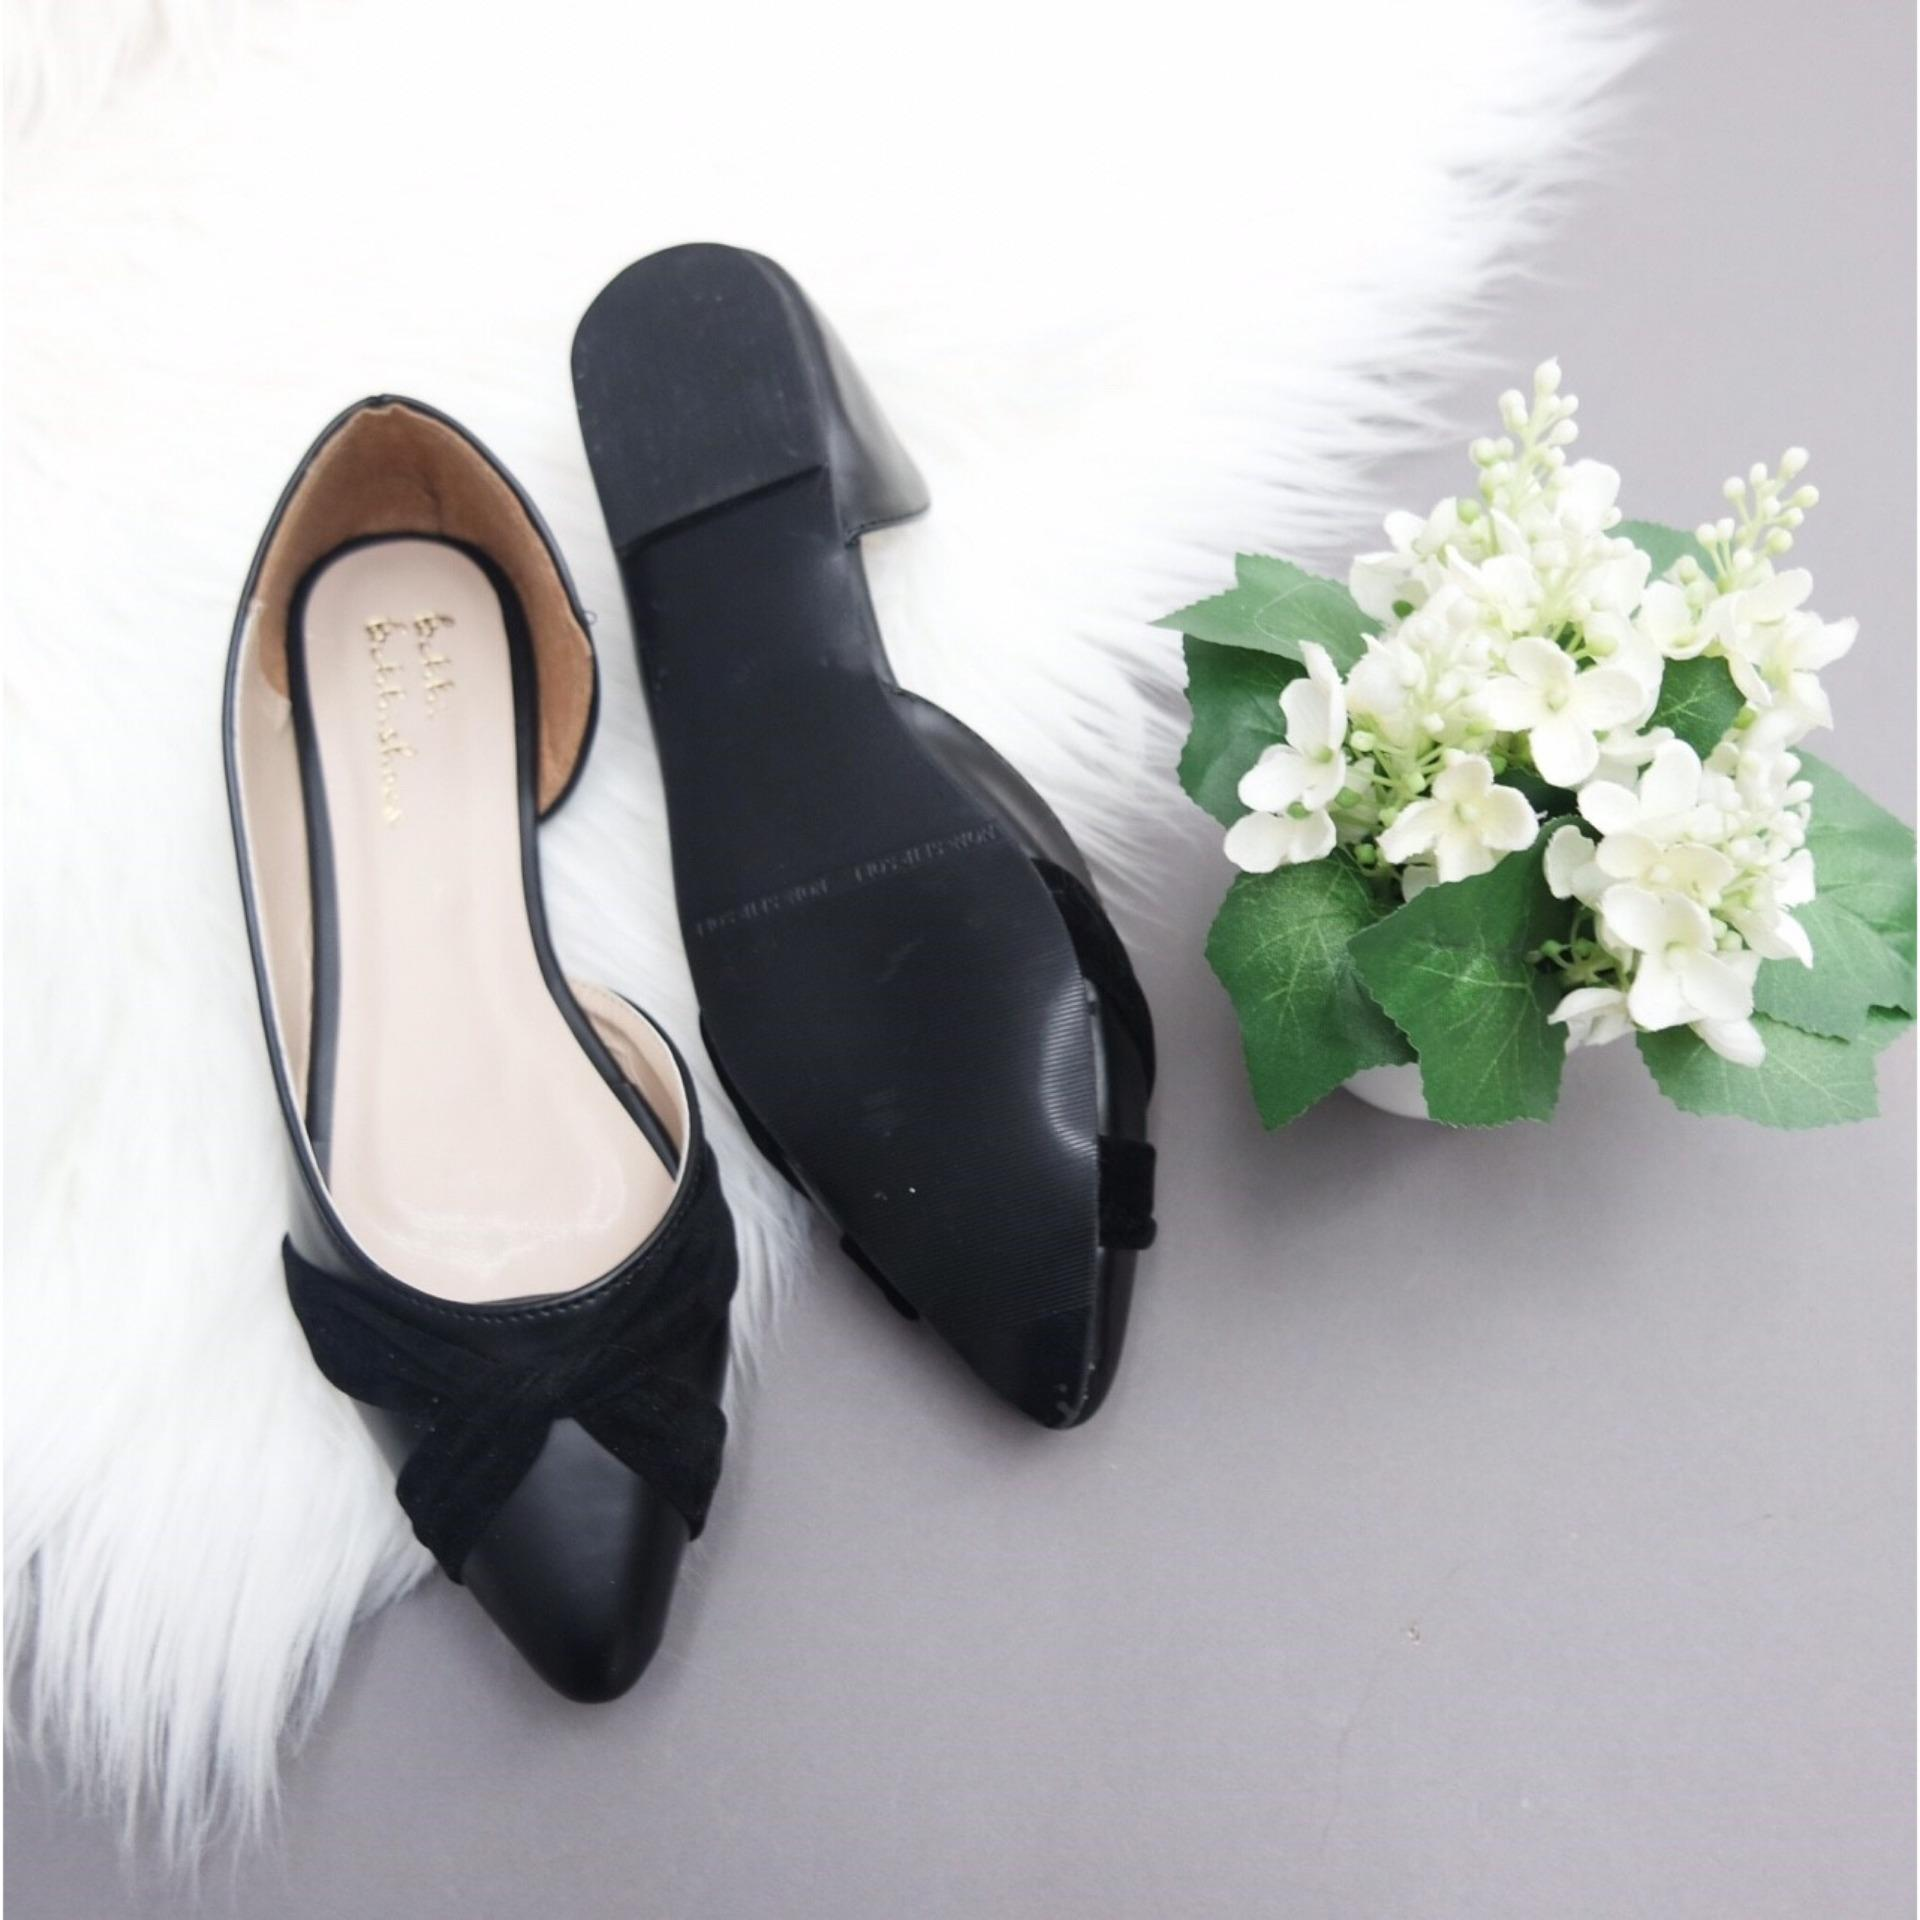 KelinciMadu-Sansa Flatshoes-Black .